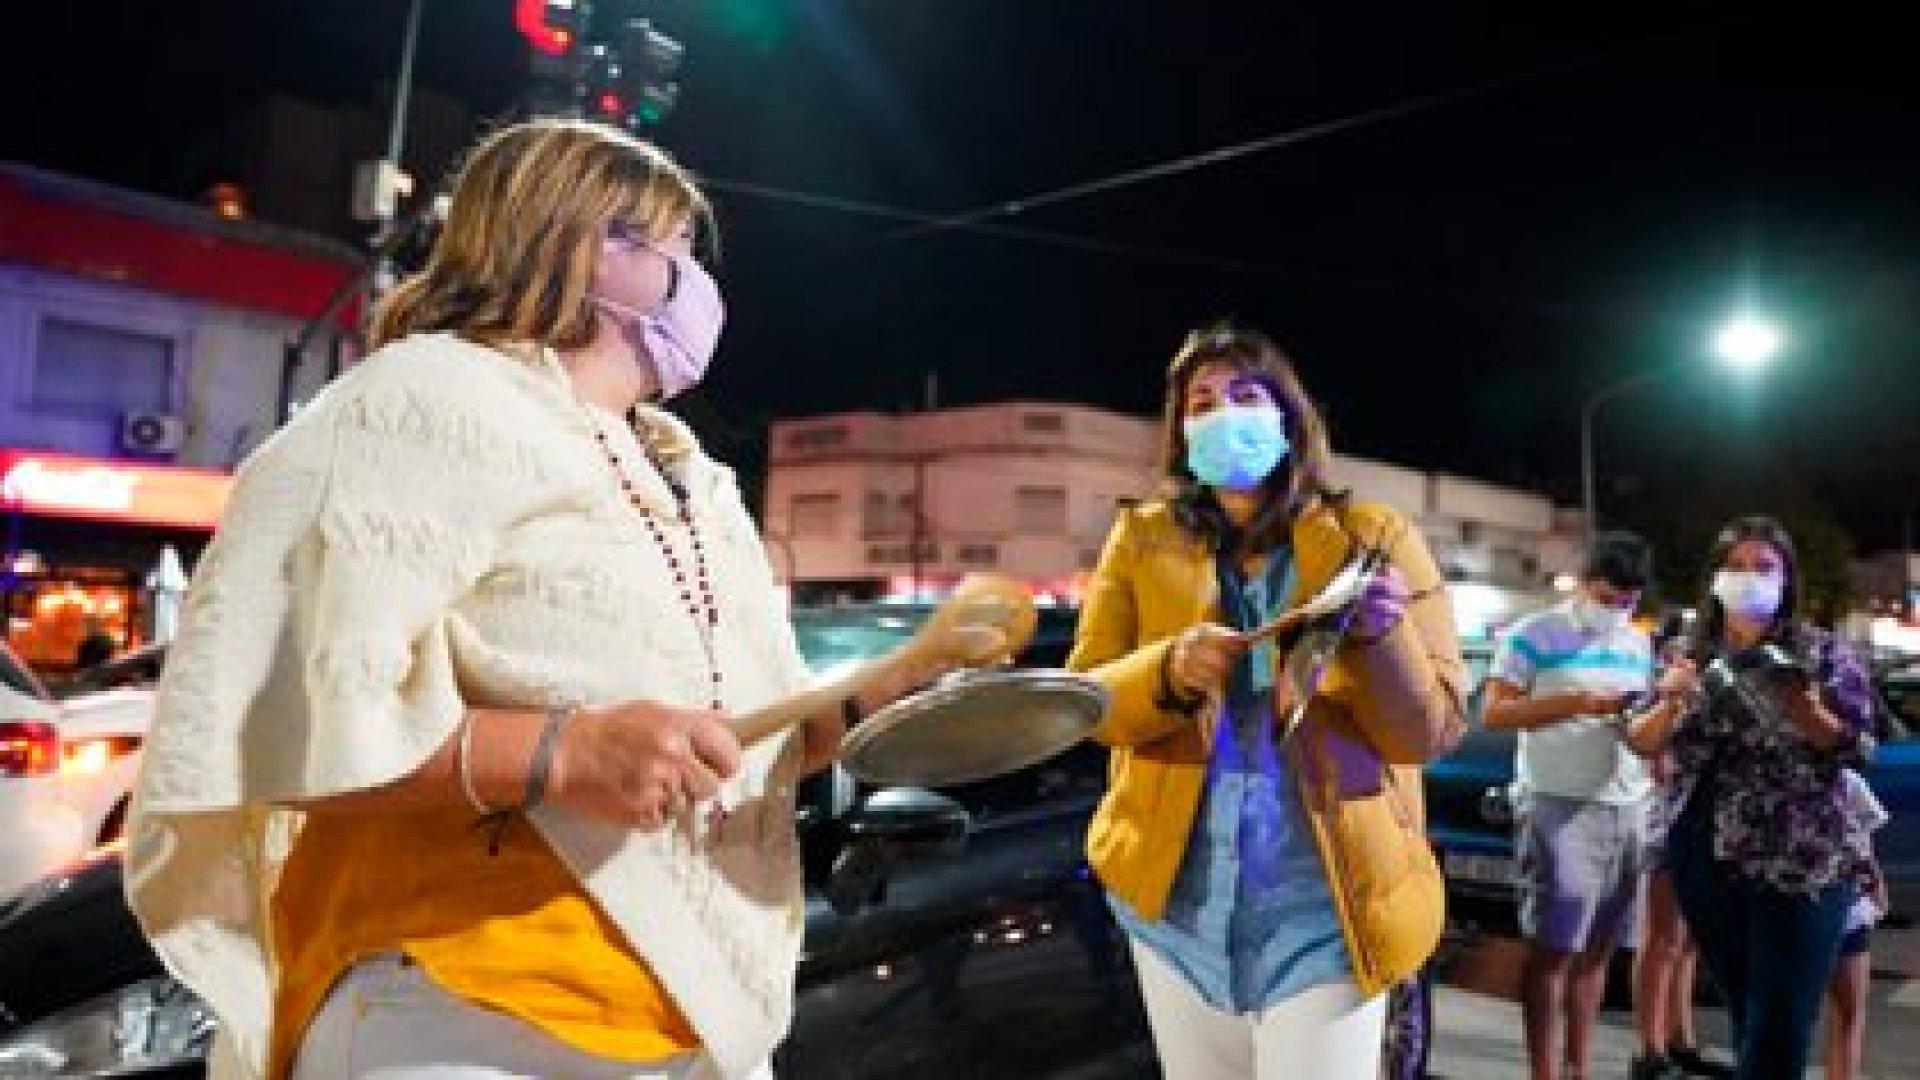 Esta noche en la Quinta de Olivos se desarrolló un cacerolazo y protesta (Franco Fafasuli)